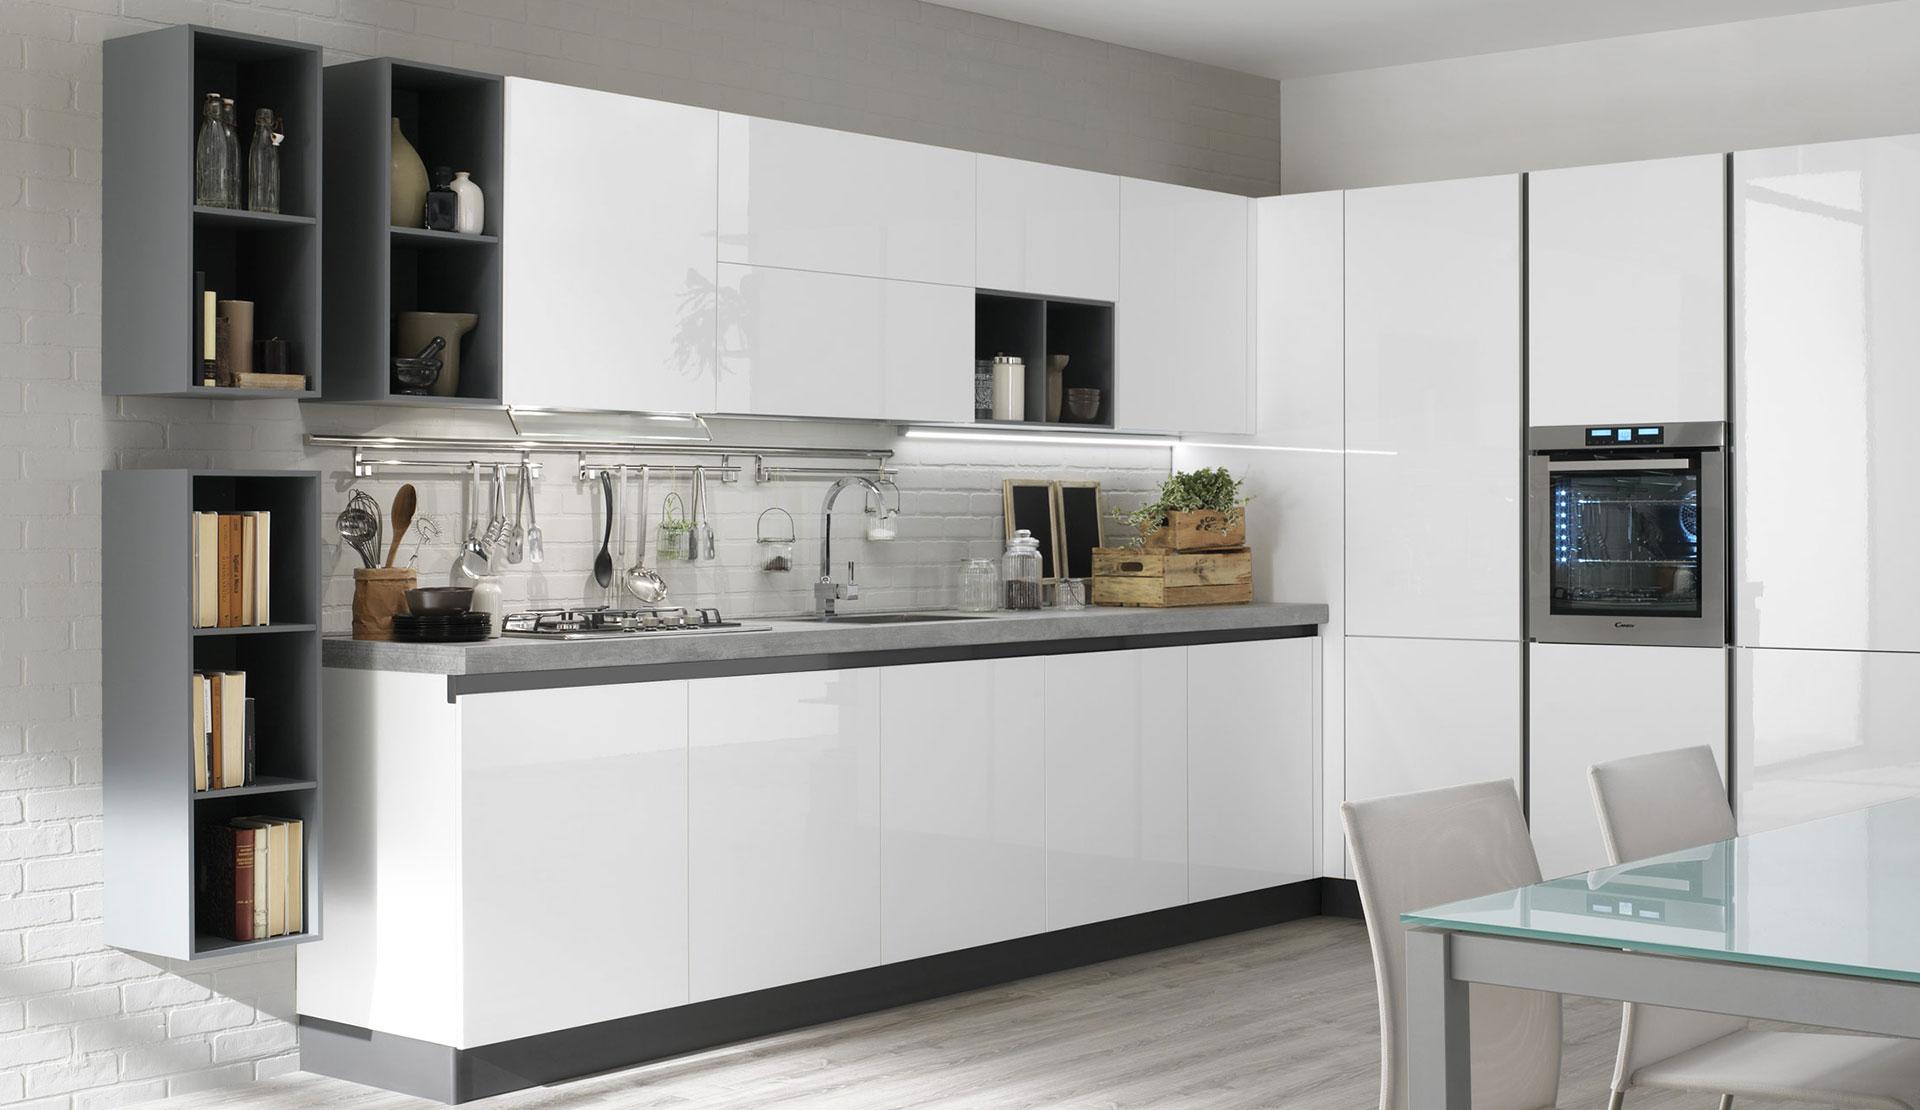 Cucine classiche lineari trendy cucine classiche for Cucina lineare offerta